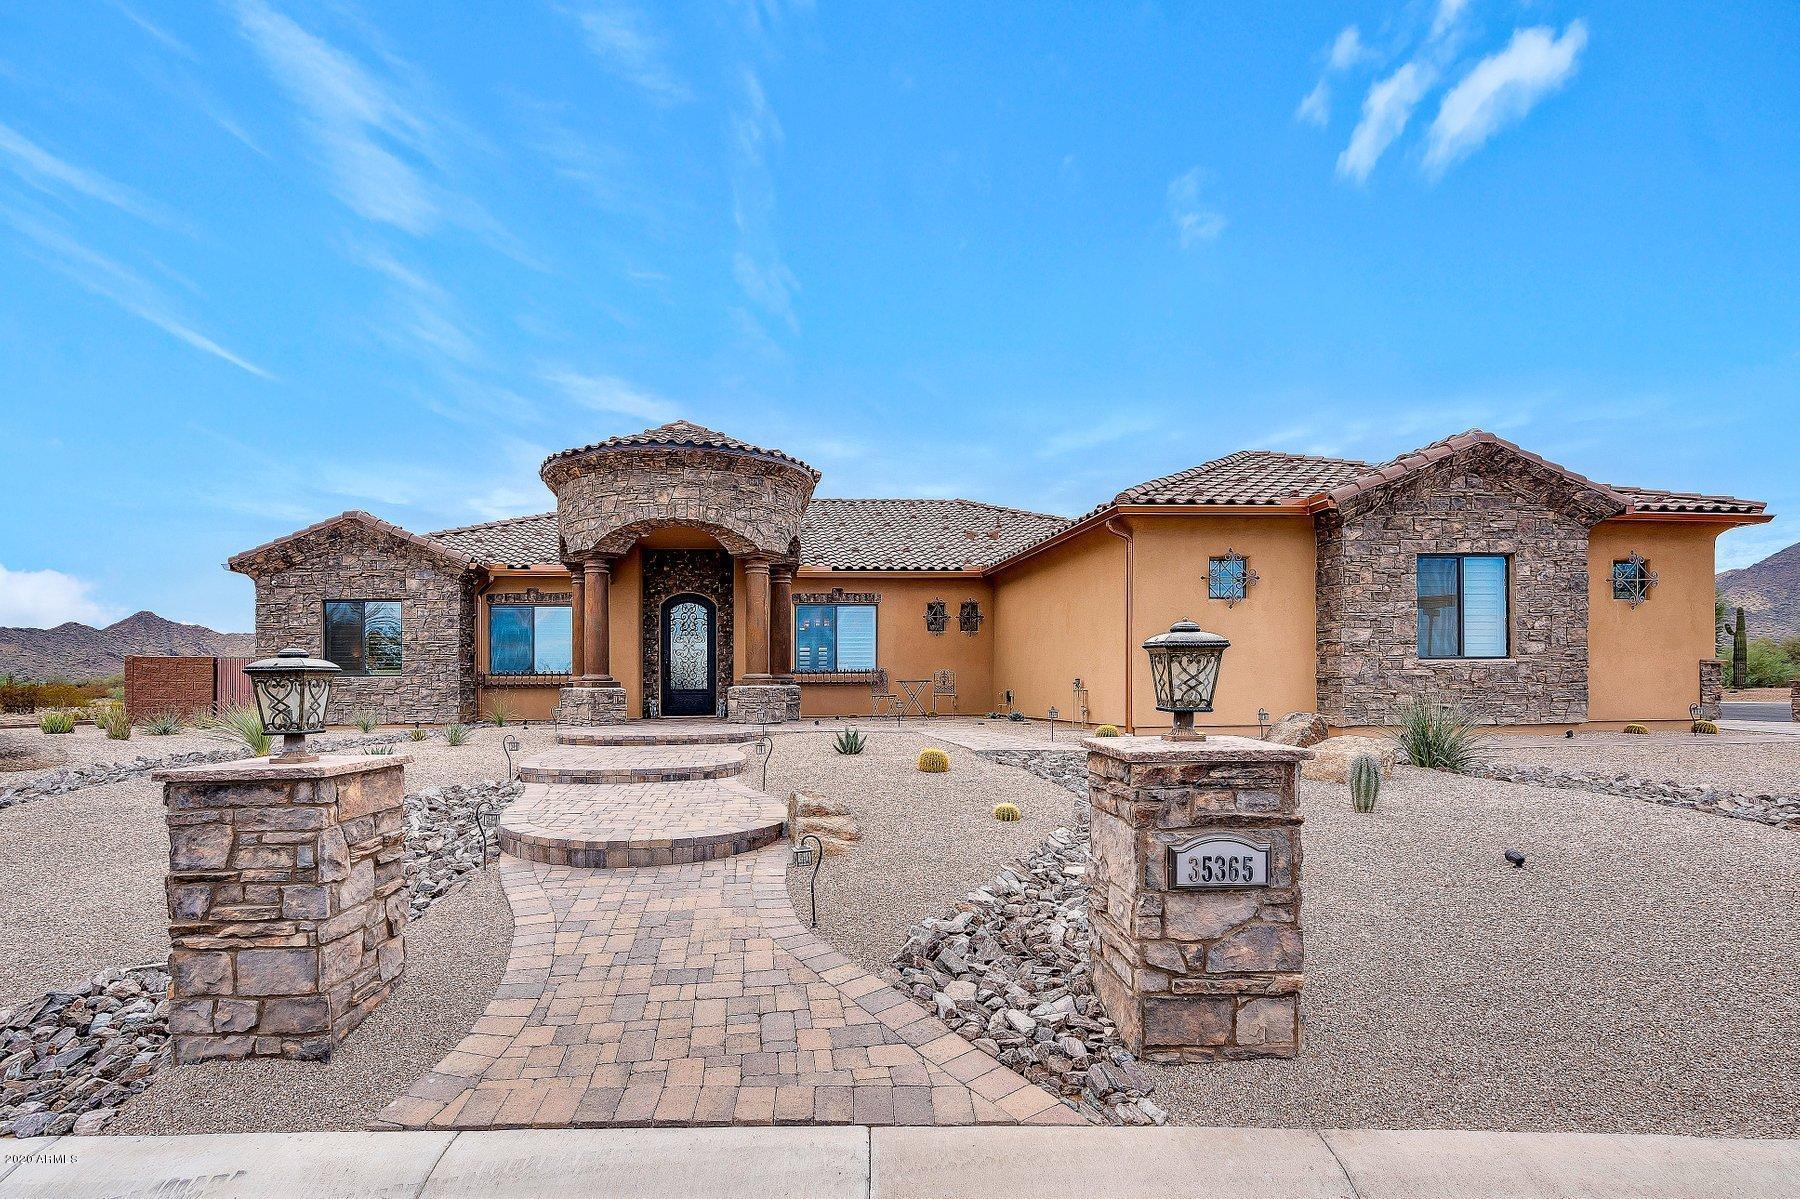 MLS 6150764 35365 N MANDARIN Court, Queen Creek, AZ 85142 Queen Creek AZ Four Bedroom